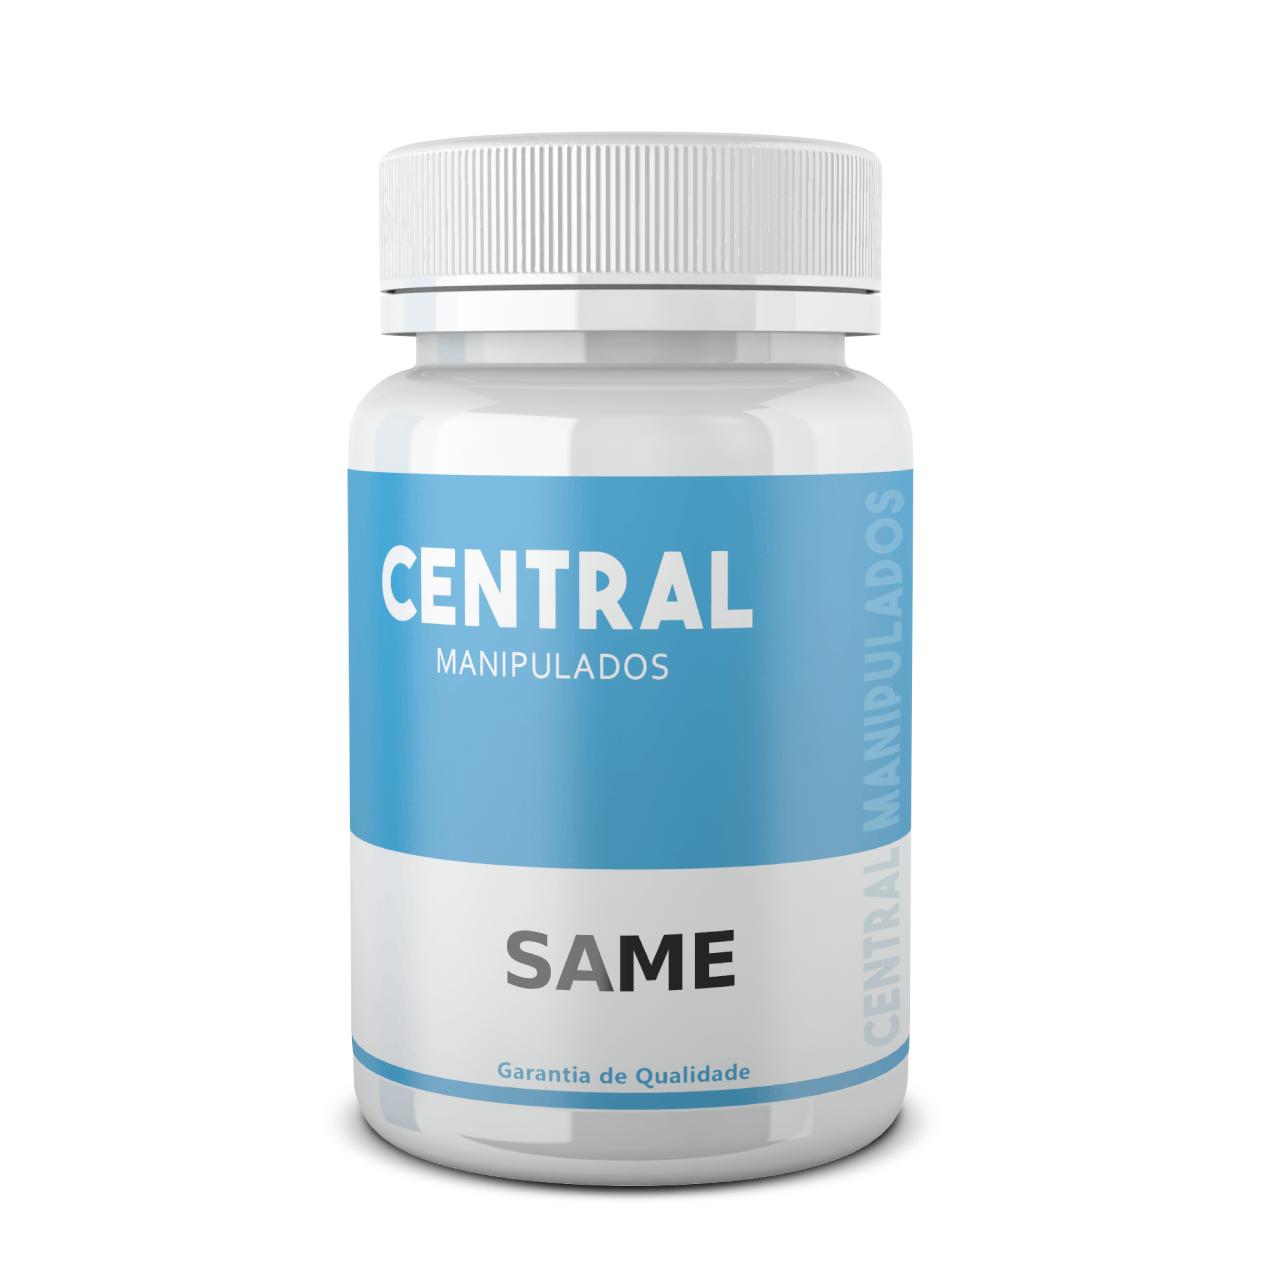 SAME 200mg - 60 Cápsulas - Tratamento de Dores Articulares, Fibromialgia e Distúrbios Depressivos